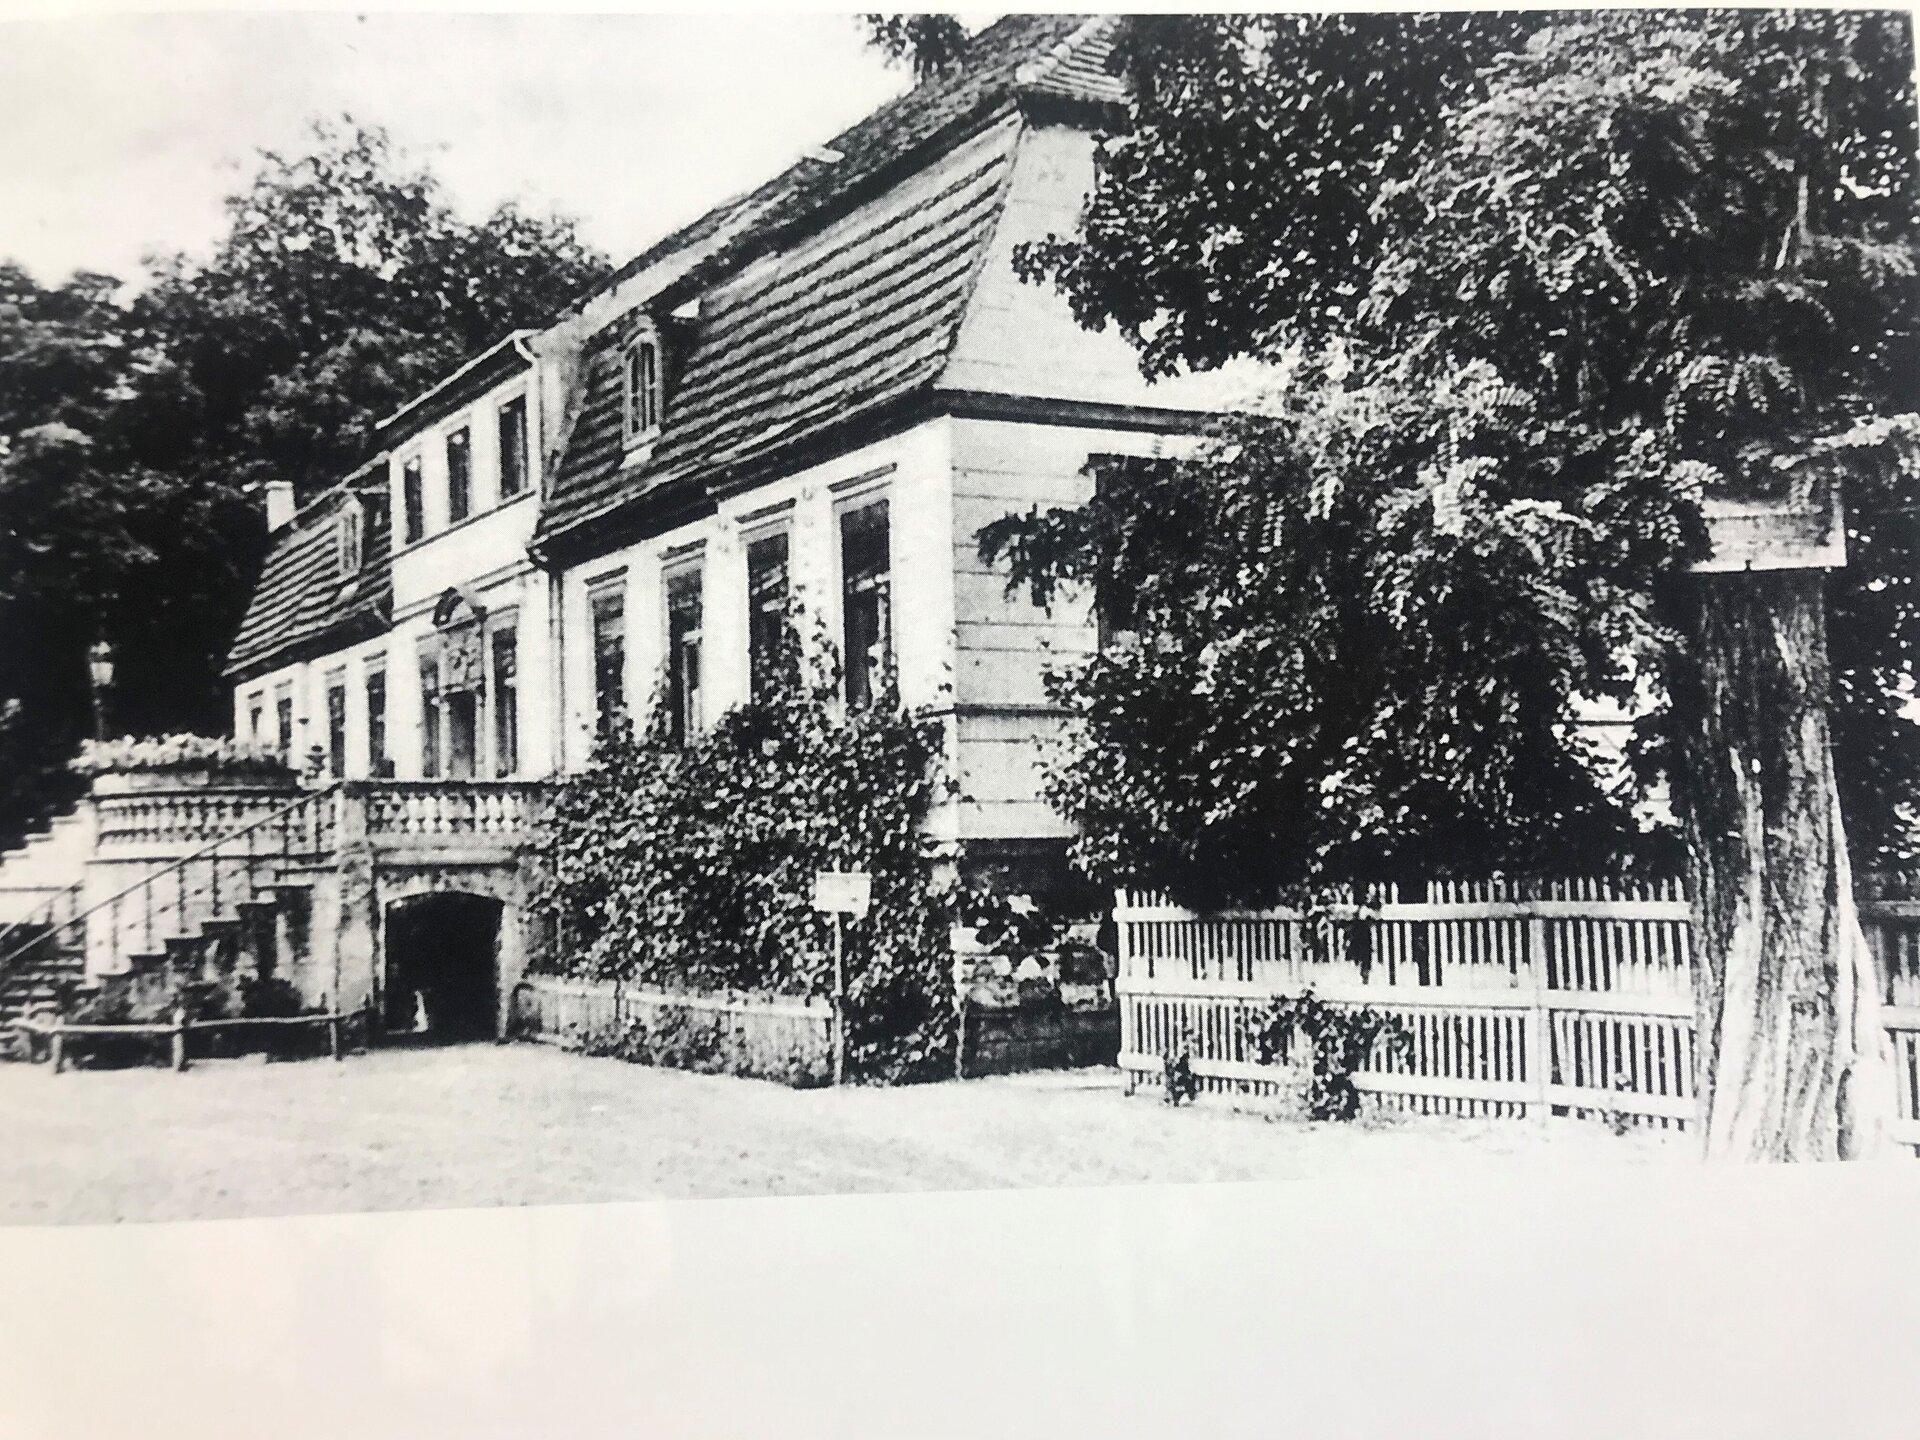 Unser Bild zeigt das Gutshaus des Rittergutes Seegefeld (Quelle: Museum und Galerie Falkensee).